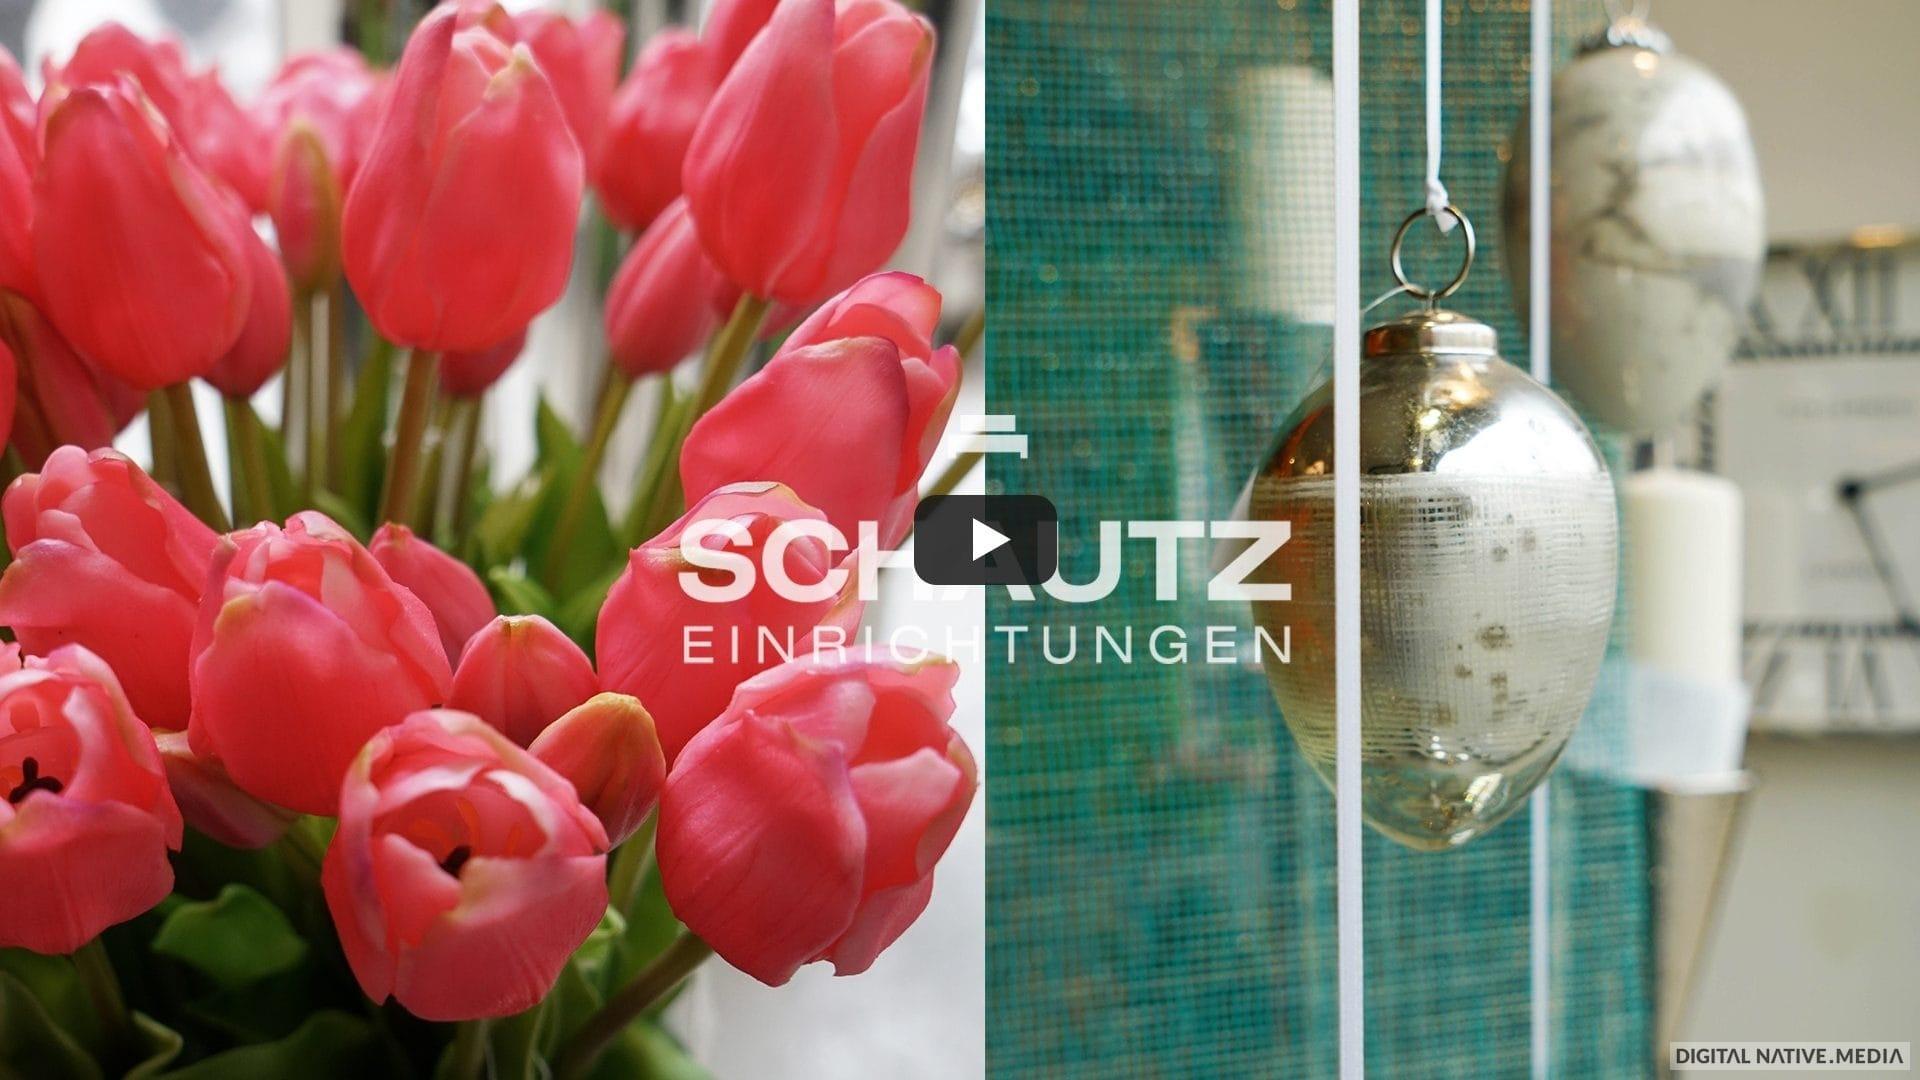 Ostervideo von Schautz Einrichtungen in Bayreuth. Gedreht von Digital Native Media